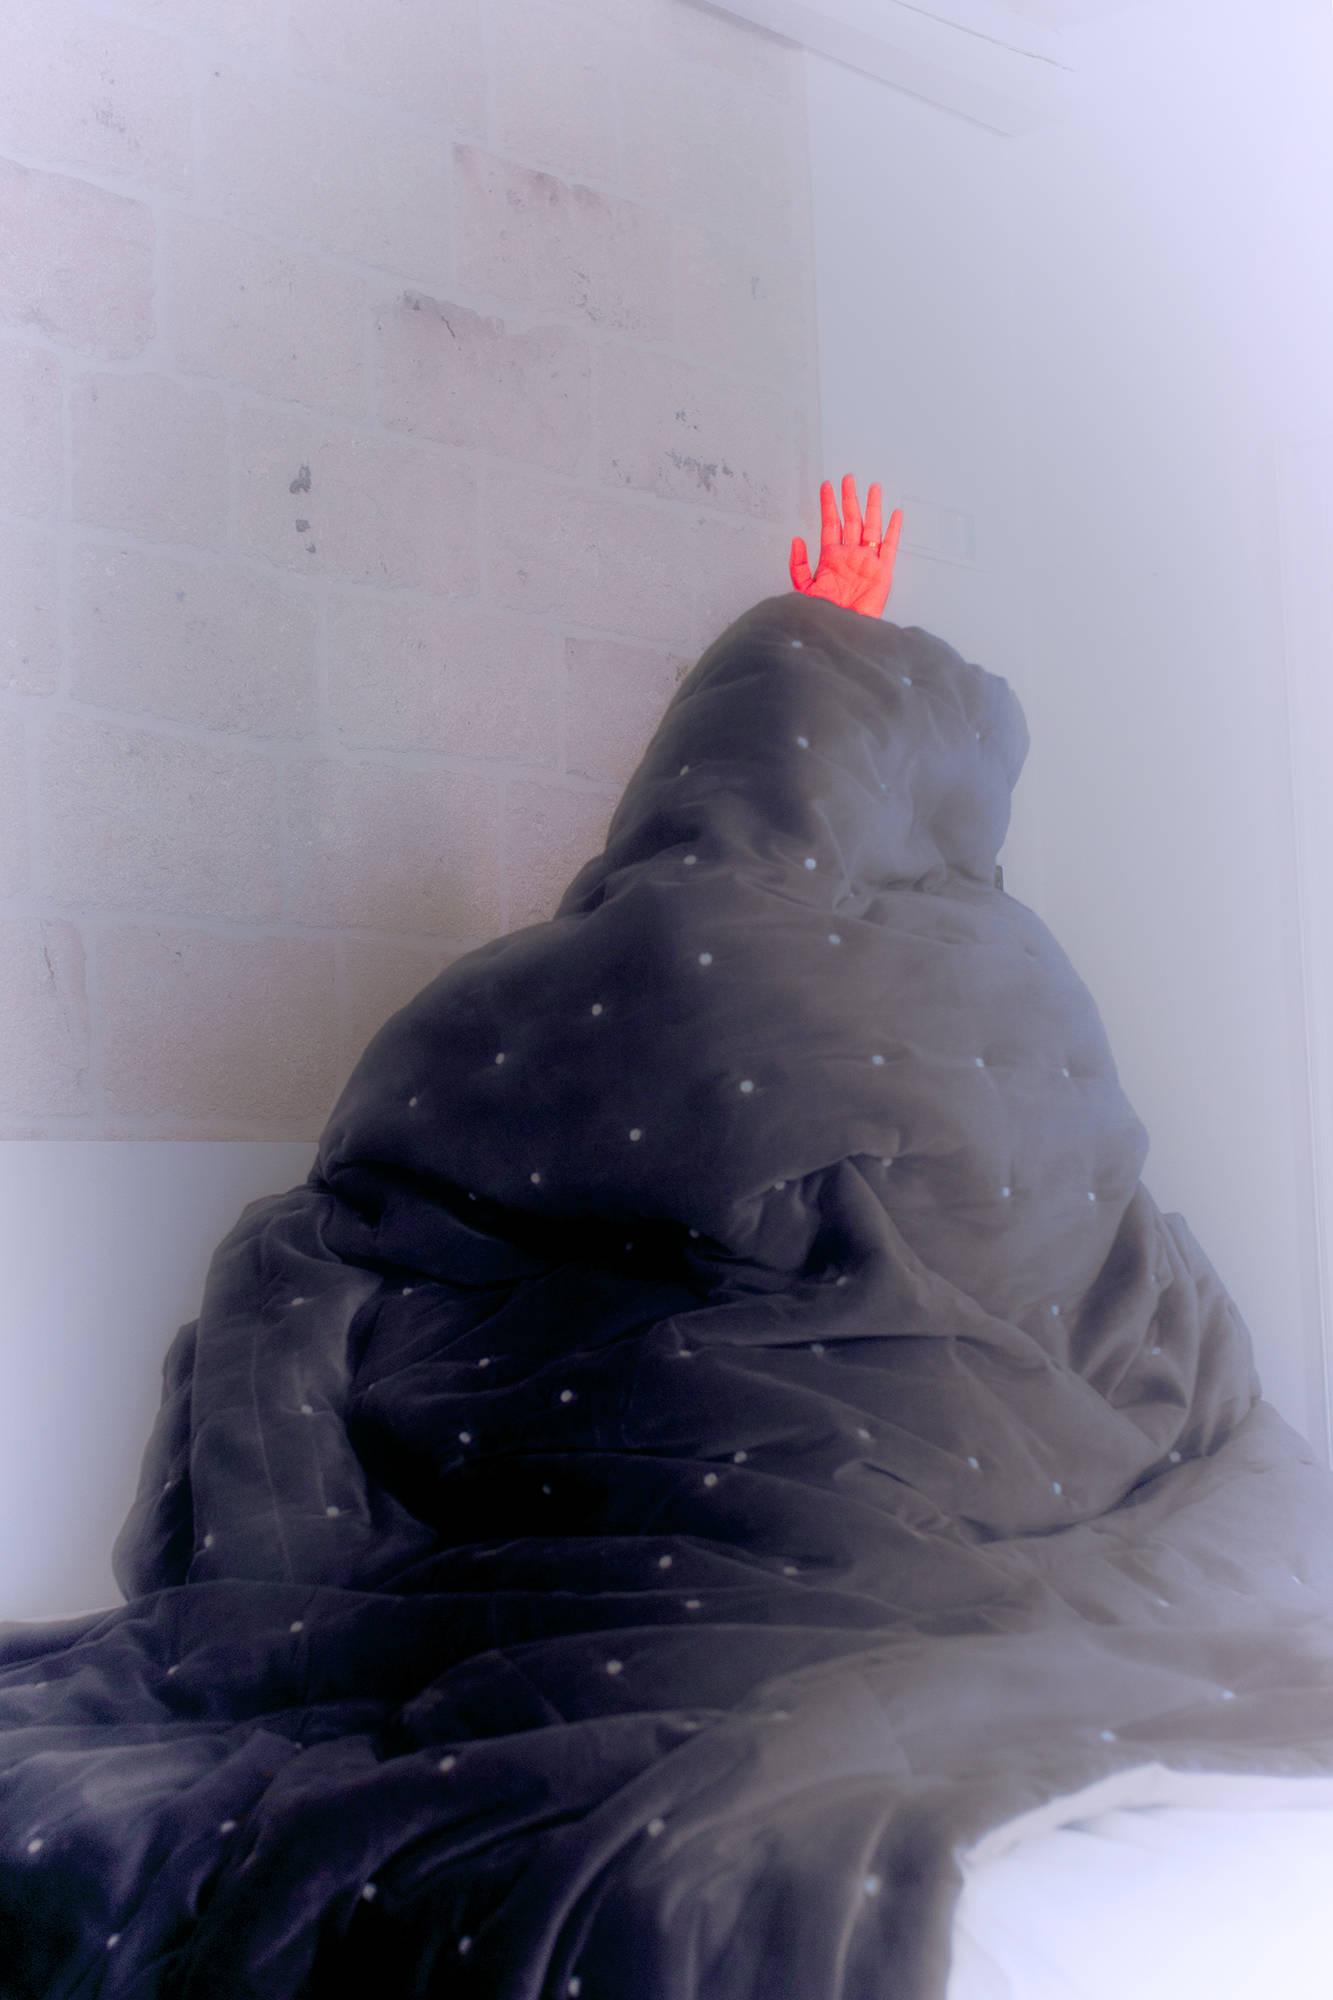 """""""Avuto il parere decisivo Dei molti illustri e chiari signori Commissari di questa giurisdizione Affinché non abbiano a gloriarsi Delle loro pessime opere Ad esempio di altri In via definitiva Sentenziamo e condanniamo. Il 14 aprile 1647, nel luogo designato Davanti ai contadini obbligati ad assistere al supplizio Vengono decapitate: Lucia Caveden, Domenica, Isabetta e Polonia Graziadei, Caterina Baroni, Ginevra Chemola e Valentina Andrei I corpi sono bruciati, i resti seppelliti alle Giarre in terra maledetta. I beni delle donne confiscati.""""  Lunario di Settembre, Ivano Fossati"""